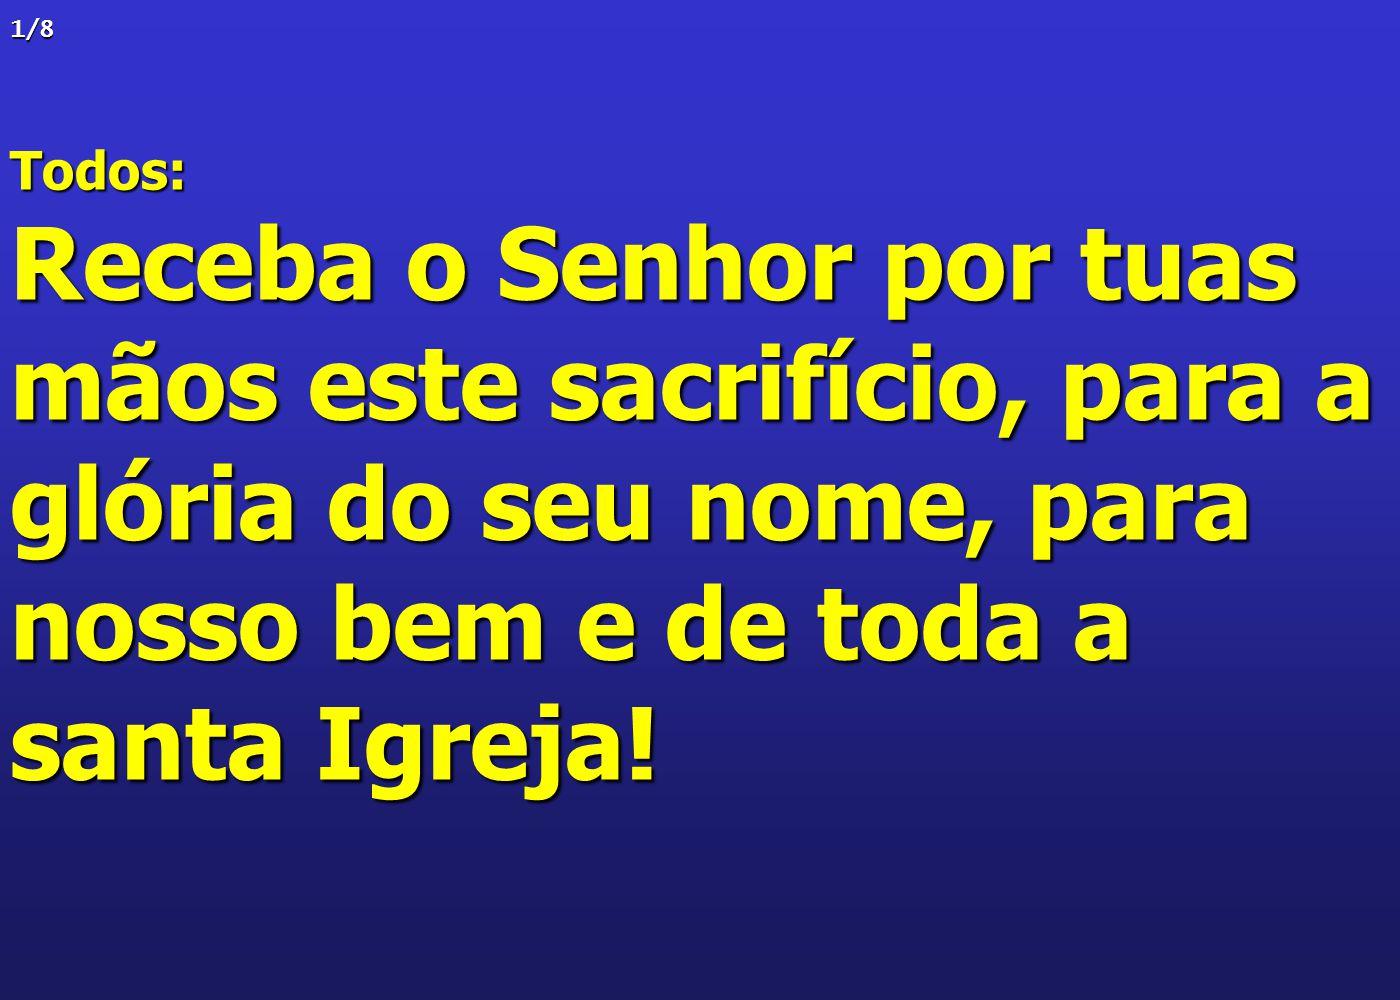 1/8 Todos: Receba o Senhor por tuas mãos este sacrifício, para a glória do seu nome, para nosso bem e de toda a santa Igreja!